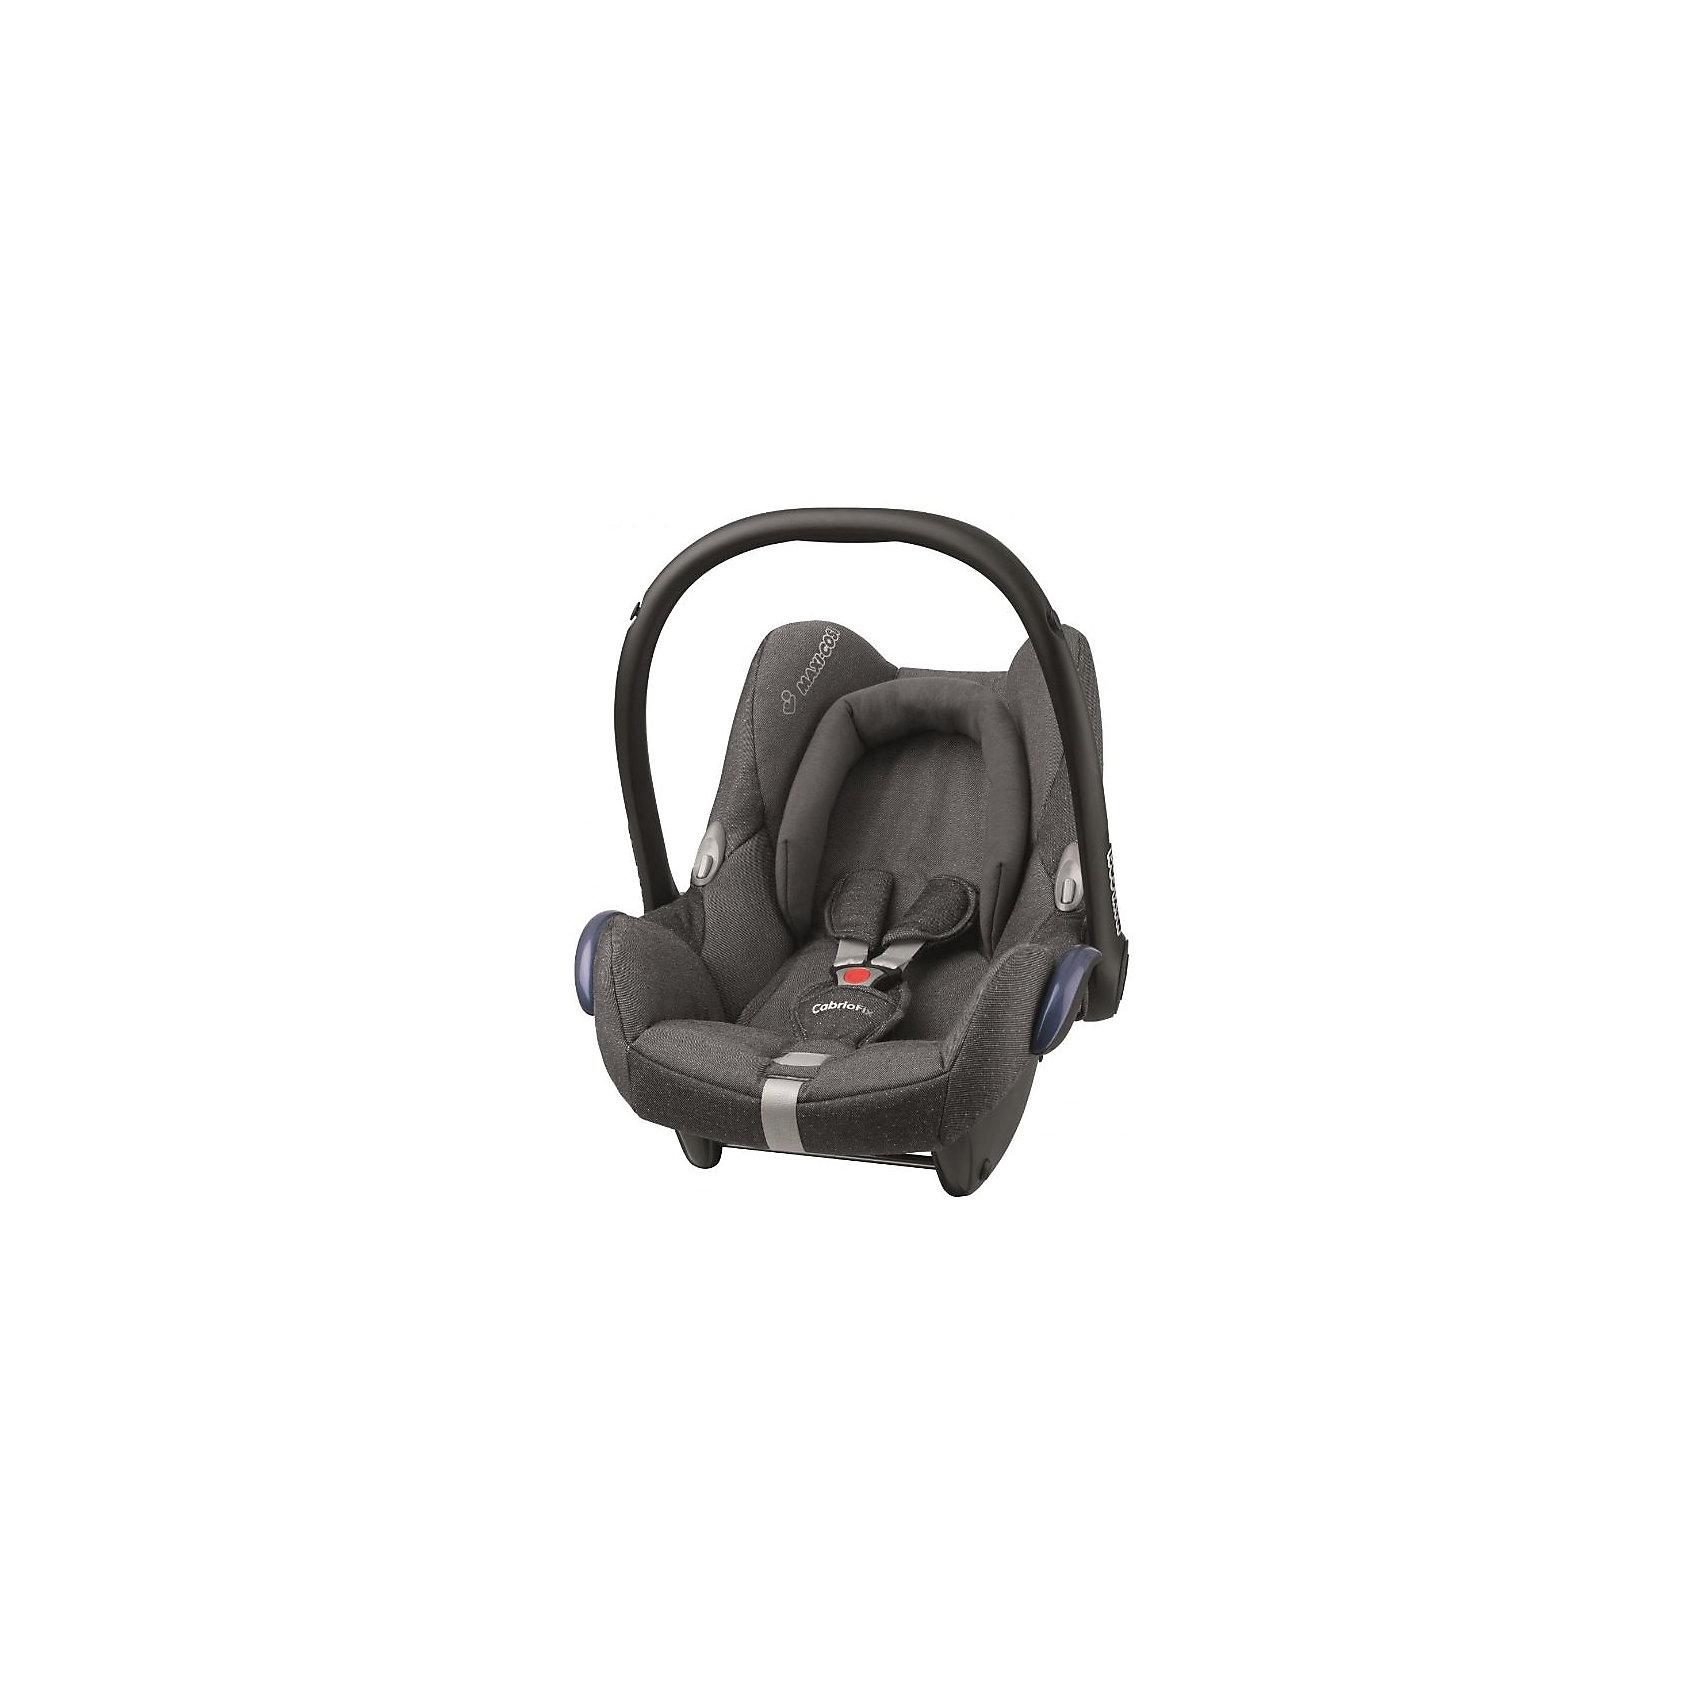 Автокресло CabrioFix 0-13 кг., Maxi-Cosi, Sparcling GreyУдобное высокотехнологичное автокресло-переноска позволит перевозить ребенка, не беспокоясь при этом о его безопасности. Оно предназначено для предназначено для детей весом  до 13 килограмм. Такое кресло обеспечит малышу не только безопасность, но и удобство (тент от солнца а и анатомическая подушка). Ребенок надежно фиксируется в кресле и ездит с комфортом.<br>Автокресло устанавливают против движения. Такое кресло дает возможность свободно путешествовать, ездить в гости и при этом  быть рядом с малышом. Конструкция - очень удобная и прочная. Изделие произведено из качественных и безопасных для малышей материалов, оно соответствуют всем современным требованиям безопасности. Оно отлично показало себя на краш-тестах.<br> <br>Дополнительная информация:<br><br>цвет: серый;<br>материал: текстиль, пластик;<br>вес ребенка:  от 0 до 13 кг;<br>вес кресла: 3,5 кг;<br>съемный чехол;<br>карман для вещей;<br>анатомическая подушка;<br>внутренние ремни - трехточечные, с мягкими накладками;<br>регулировка высоты внутренних ремней;<br>регулировка наклона спинки;<br>регулировка высоты подголовника;<br>ручка для переноски;<br>тент от солнца.<br><br>Автокресло CabrioFix 0-13 кг., Sparcling Grey от компании Maxi-Cosi можно купить в нашем магазине.<br><br>Ширина мм: 445<br>Глубина мм: 375<br>Высота мм: 725<br>Вес г: 3300<br>Возраст от месяцев: 0<br>Возраст до месяцев: 12<br>Пол: Унисекс<br>Возраст: Детский<br>SKU: 4709565